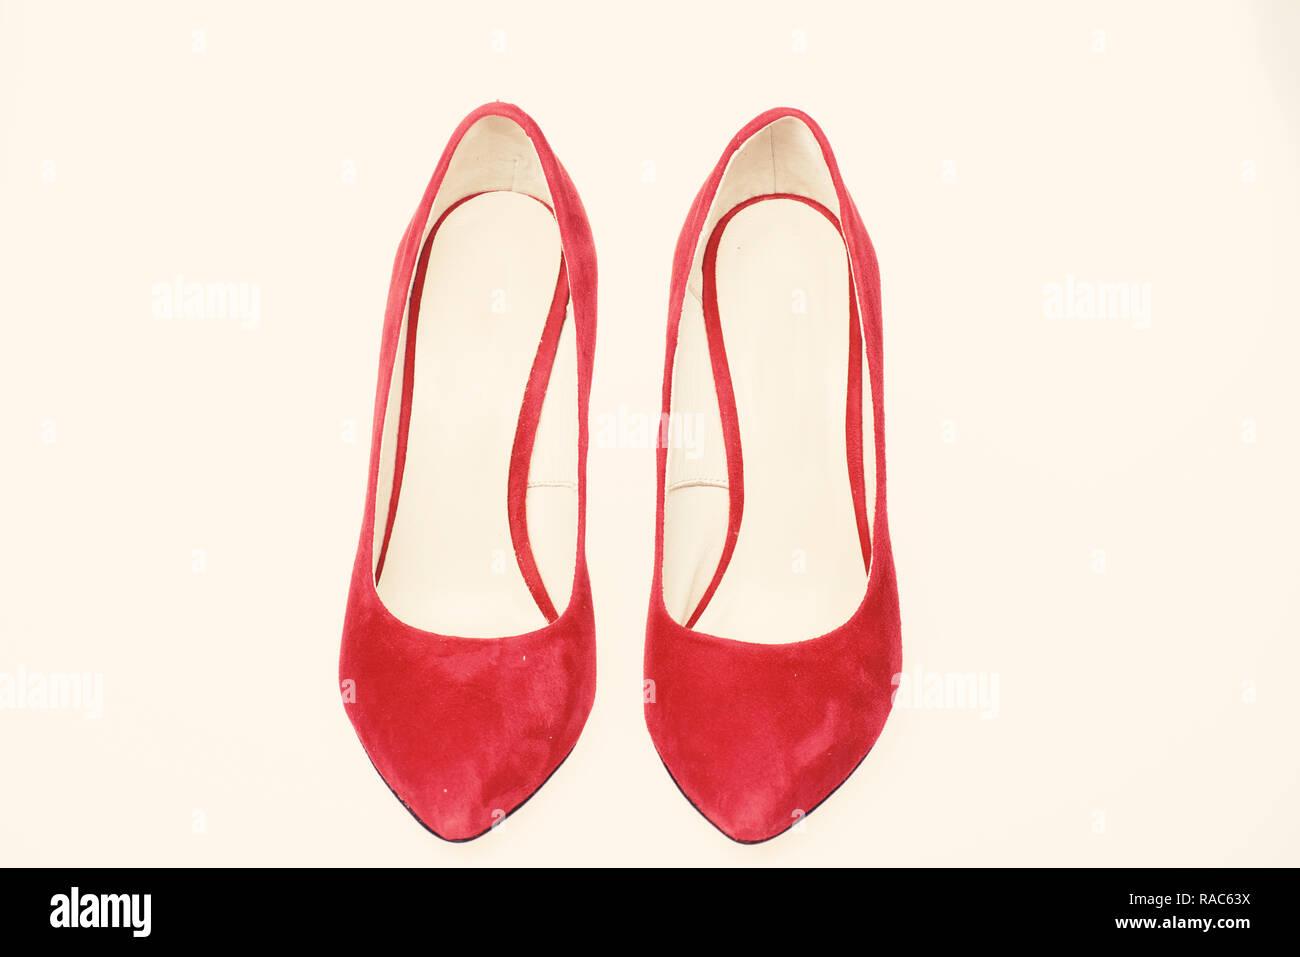 Calzado de mujer con tacones finos. Par de zapatos de tacón alto de moda  bomba fec7e7e93cf7